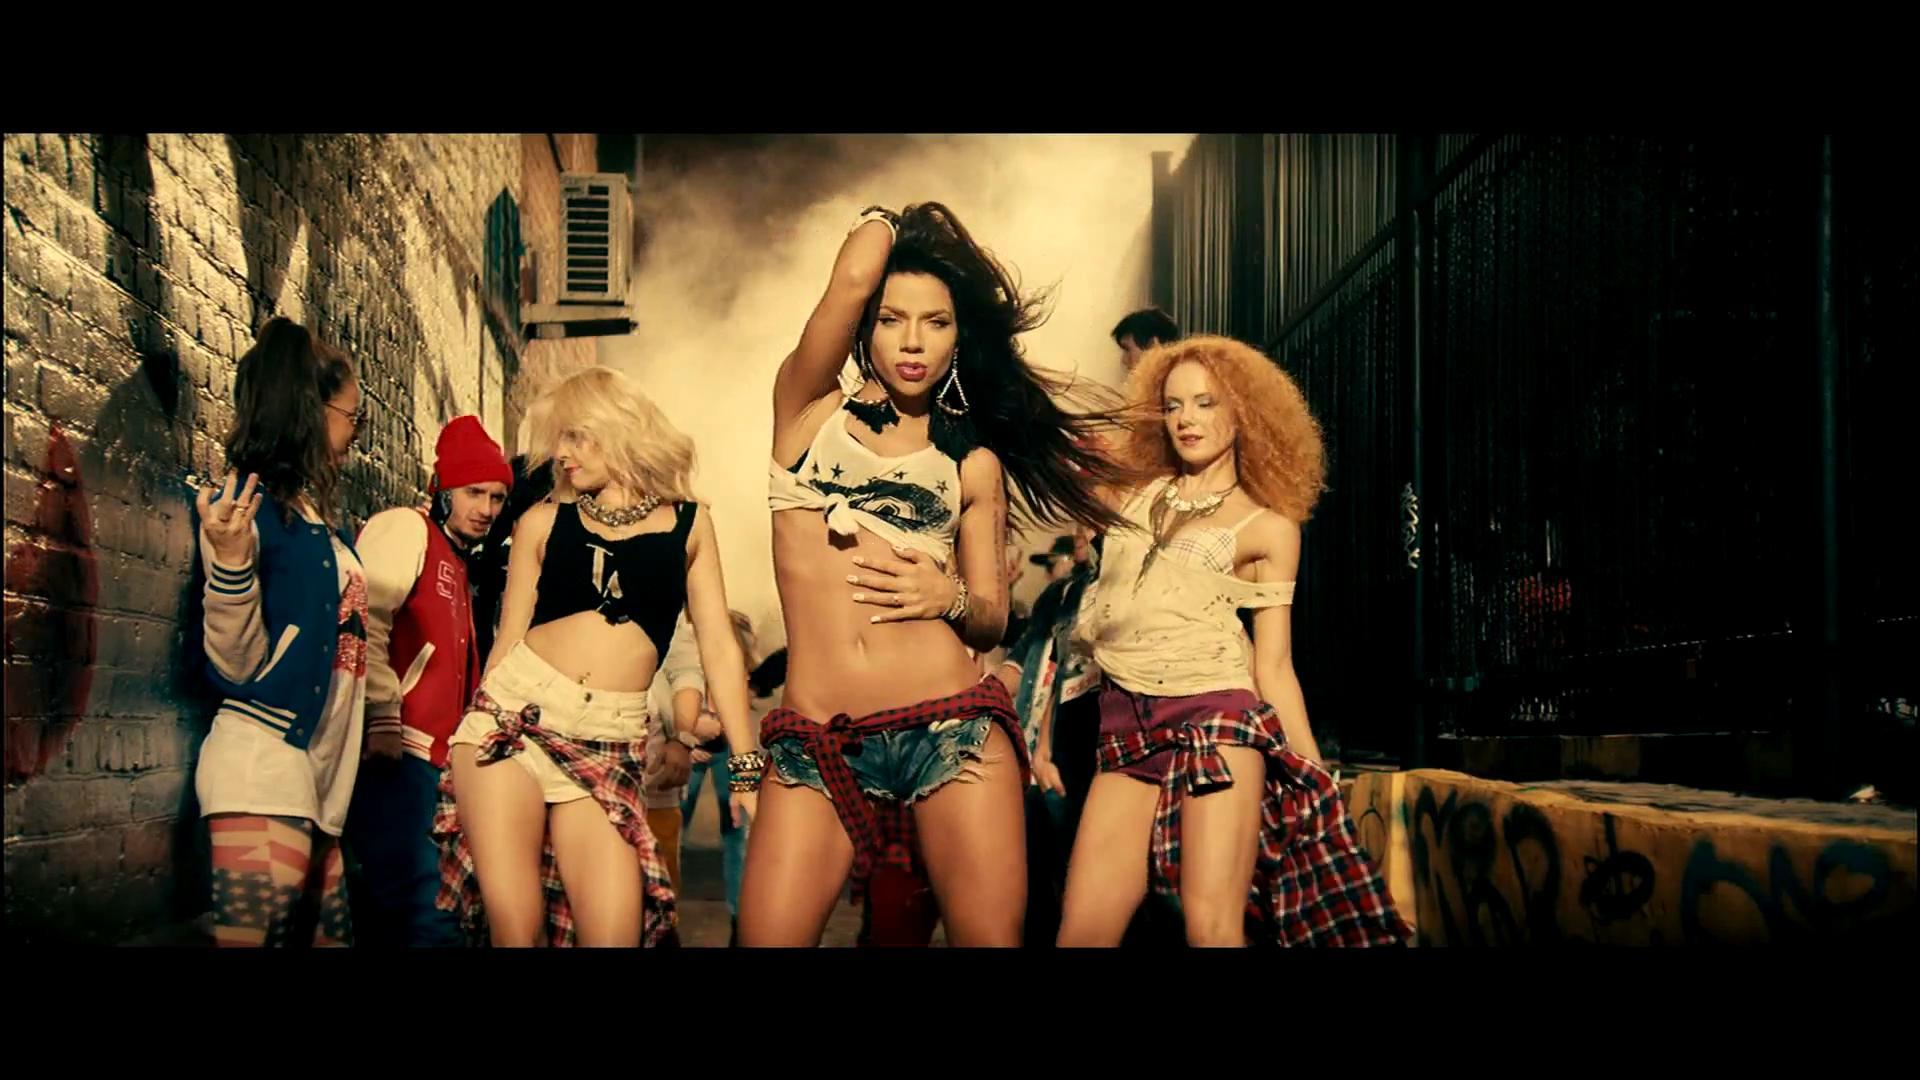 Танец девушки без одежды 22 фотография